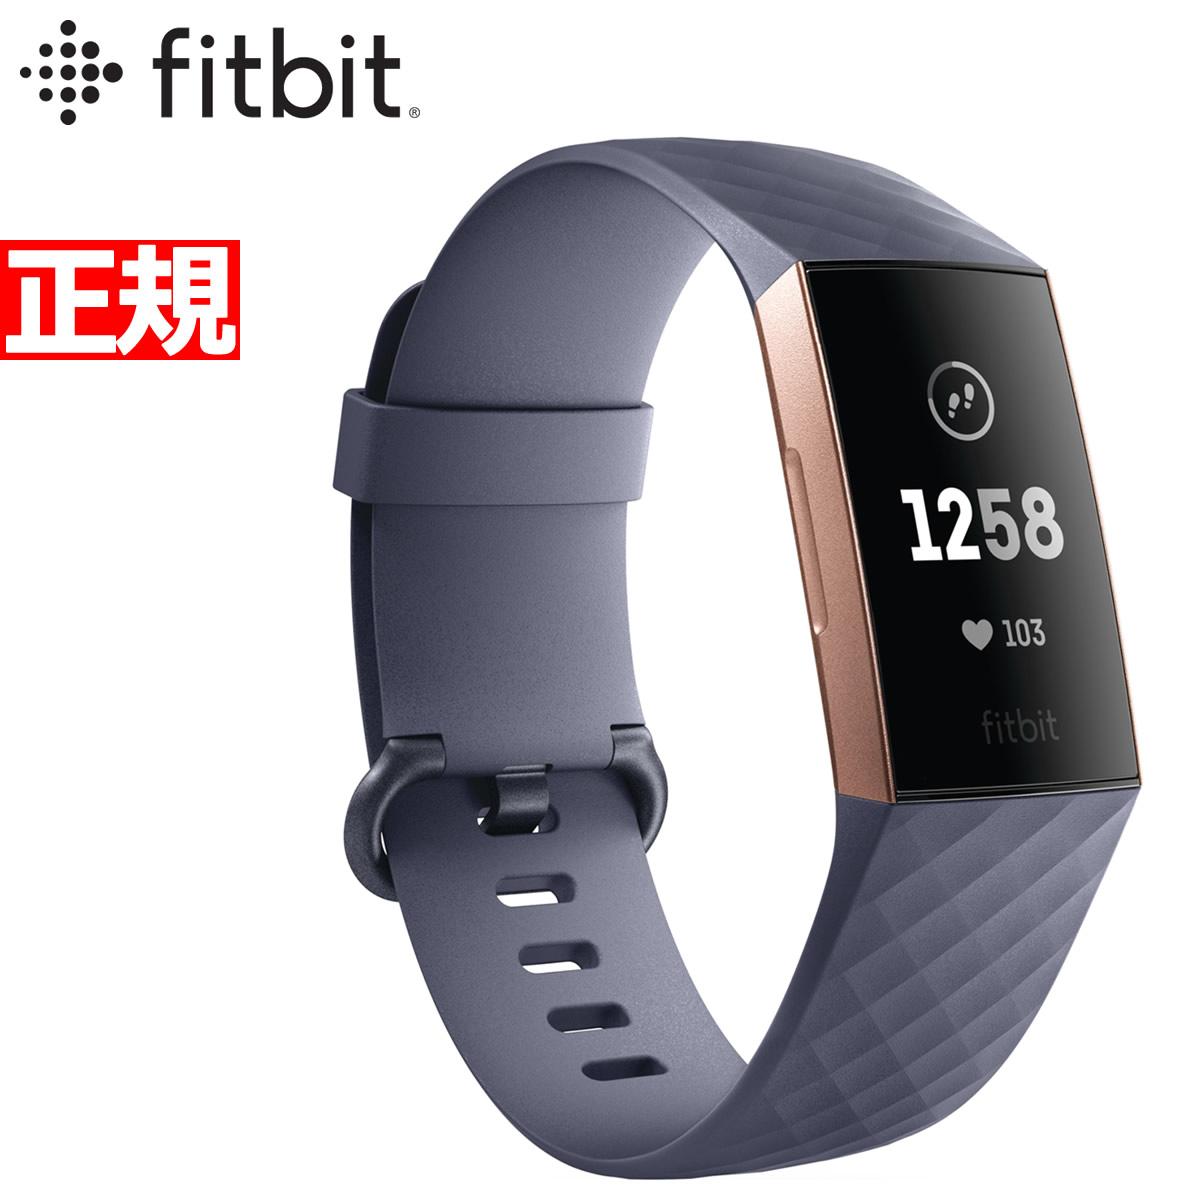 明日0時からはニールがお得♪ 最大2000円OFFクーポン付 Gold! 26日9時59分まで 腕時計!Fitbit フィットビット Charge3 チャージ3 フィットネス フィットネス トラッカー ウェアラブル端末 腕時計 メンズ レディース Blue Grey/Rose Gold FB410RGGY-CJK, Timeless:bdb411ba --- sunward.msk.ru